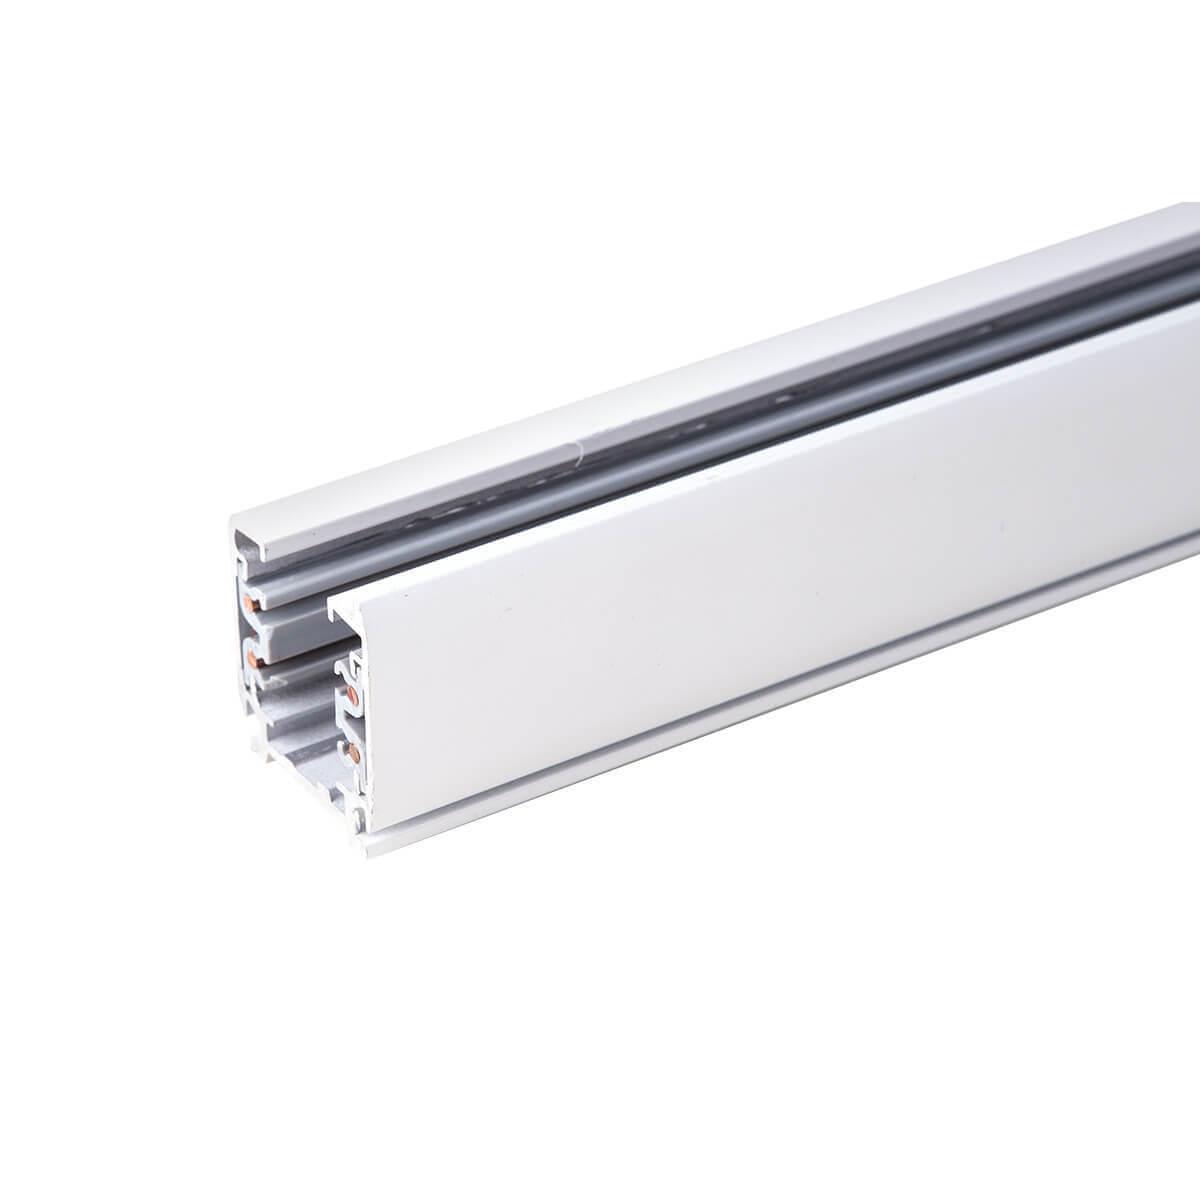 Шинопровод Elektrostandard 4690389112621 TRL-1-3 шинопровод elektrostandard 4690389134302 trl 1 1